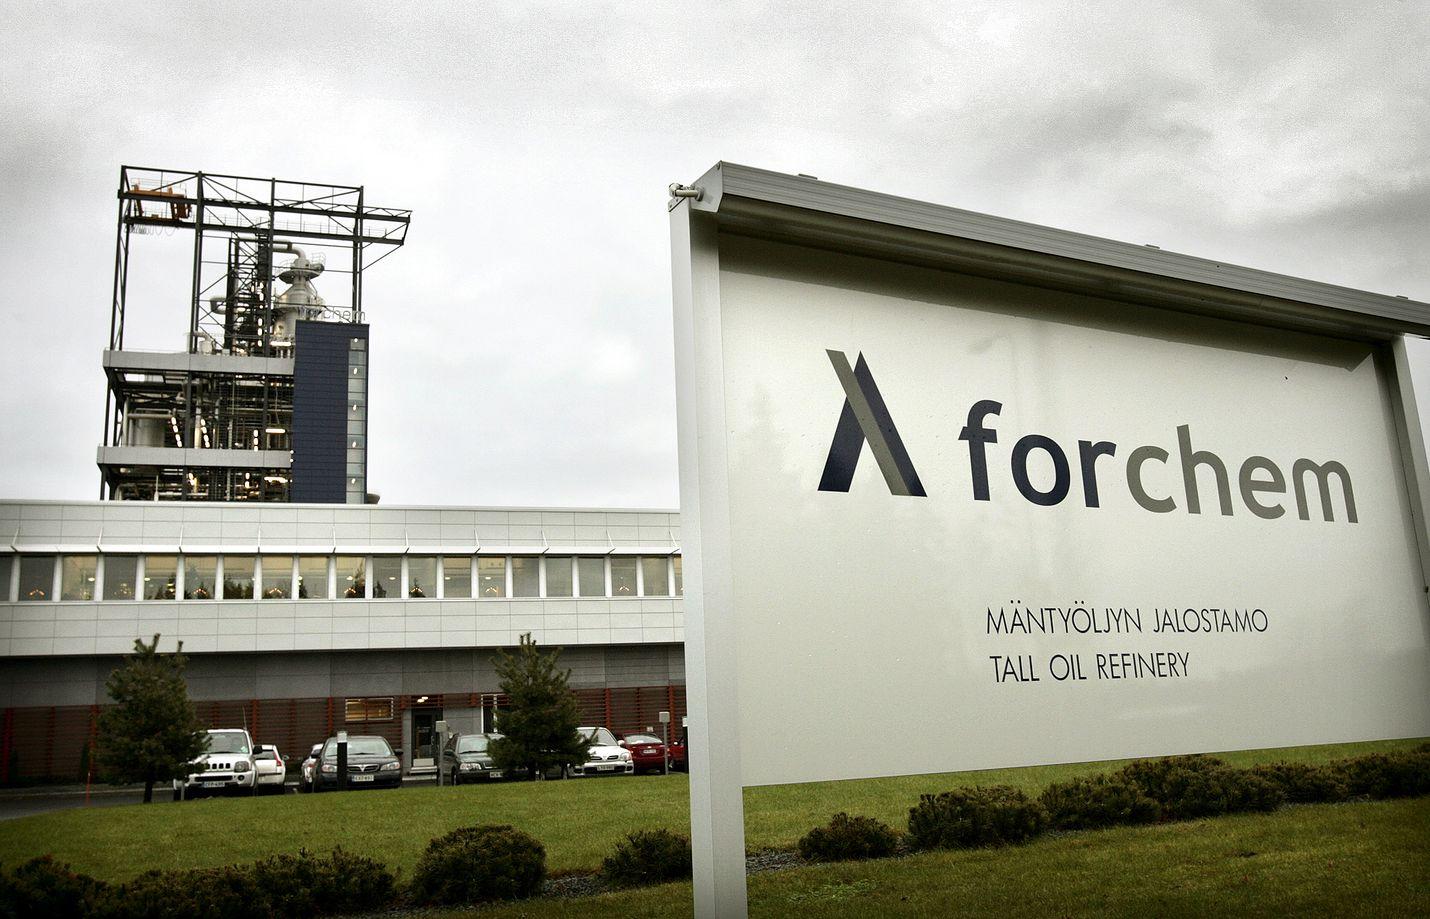 Forchem luo Raumalla huomattavaa lisäarvoa mäntyöljystä.